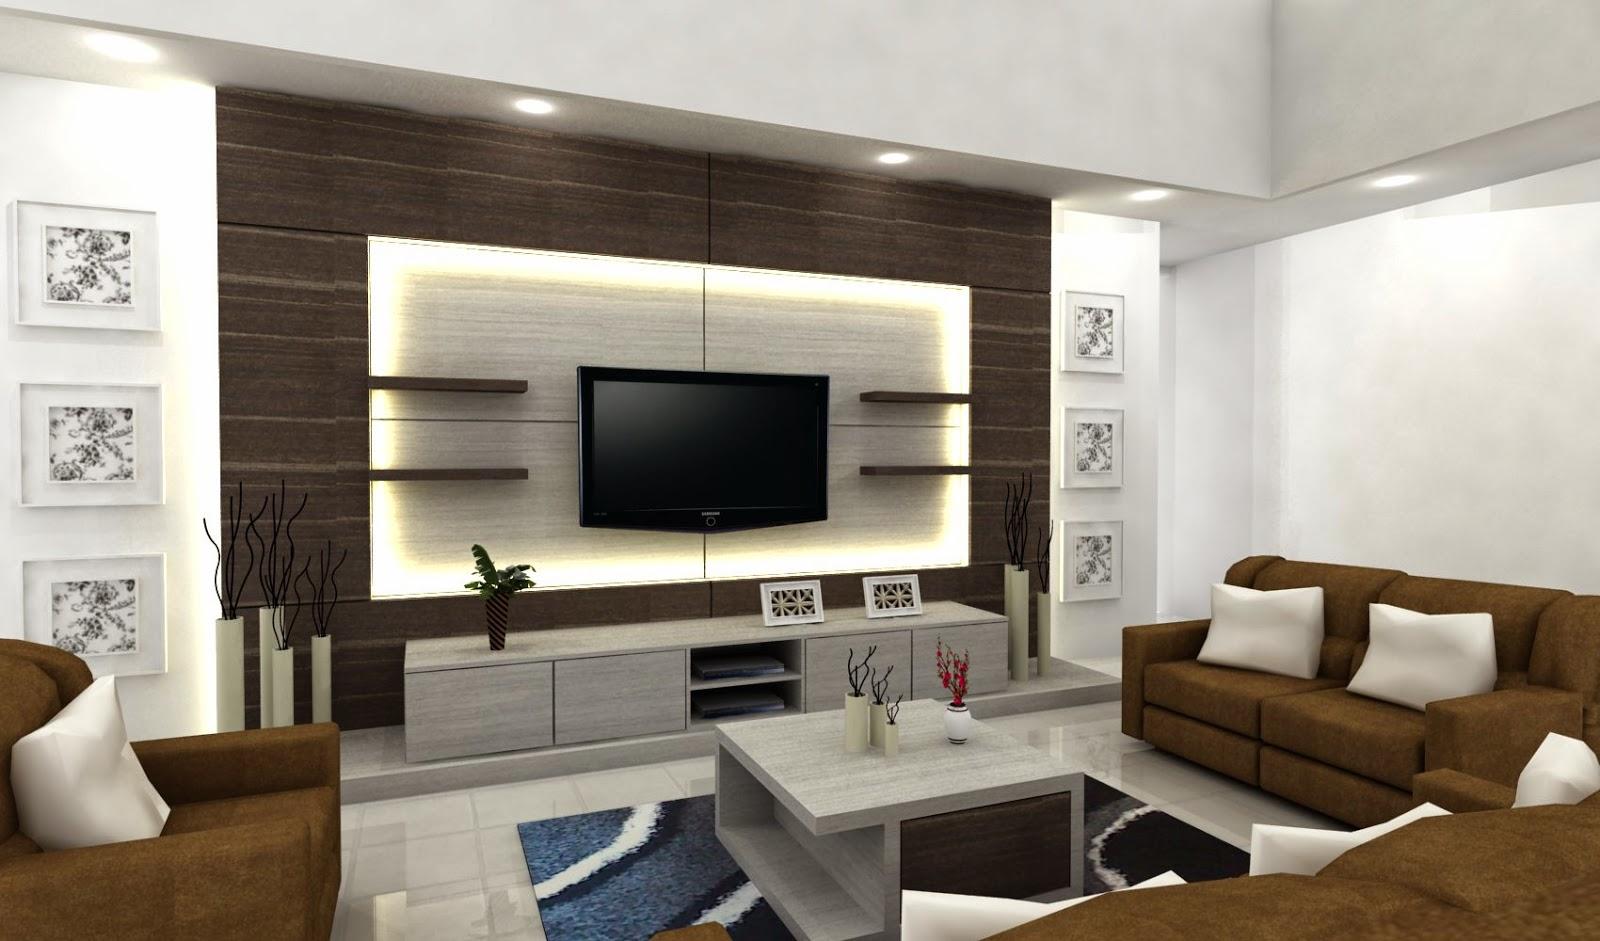 Ruang Keluarga Yang Luas Akan Dengan Nyaman Dihuni Dibanding Dengan Ruang Keluarga Yang Sempit Ruang Keluarga Yang Meiliki Interior Bagus Juga Akan Lebih